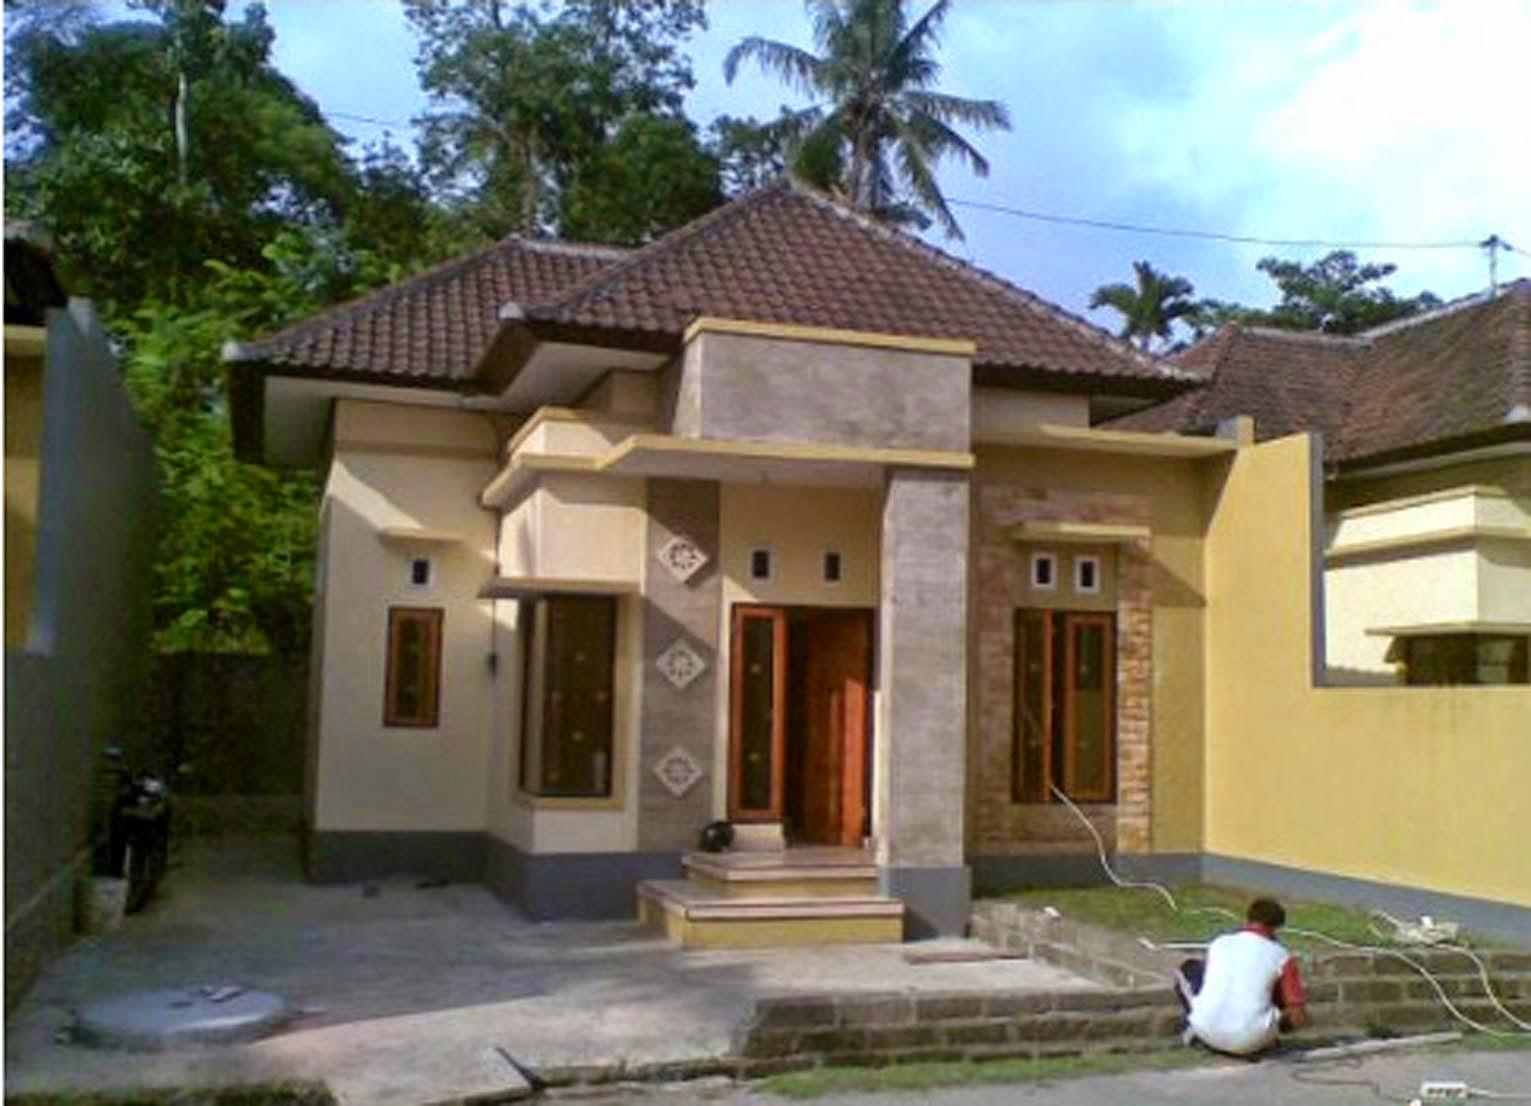 64 Desain Rumah Minimalis Di Kampung Desain Rumah Minimalis Terbaru